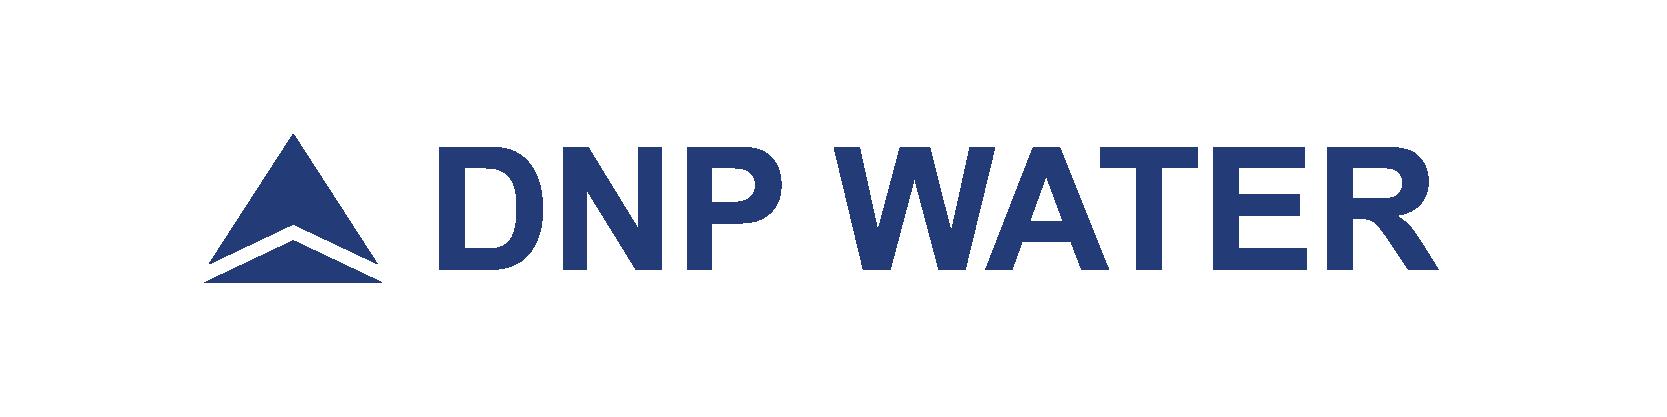 DNP Water